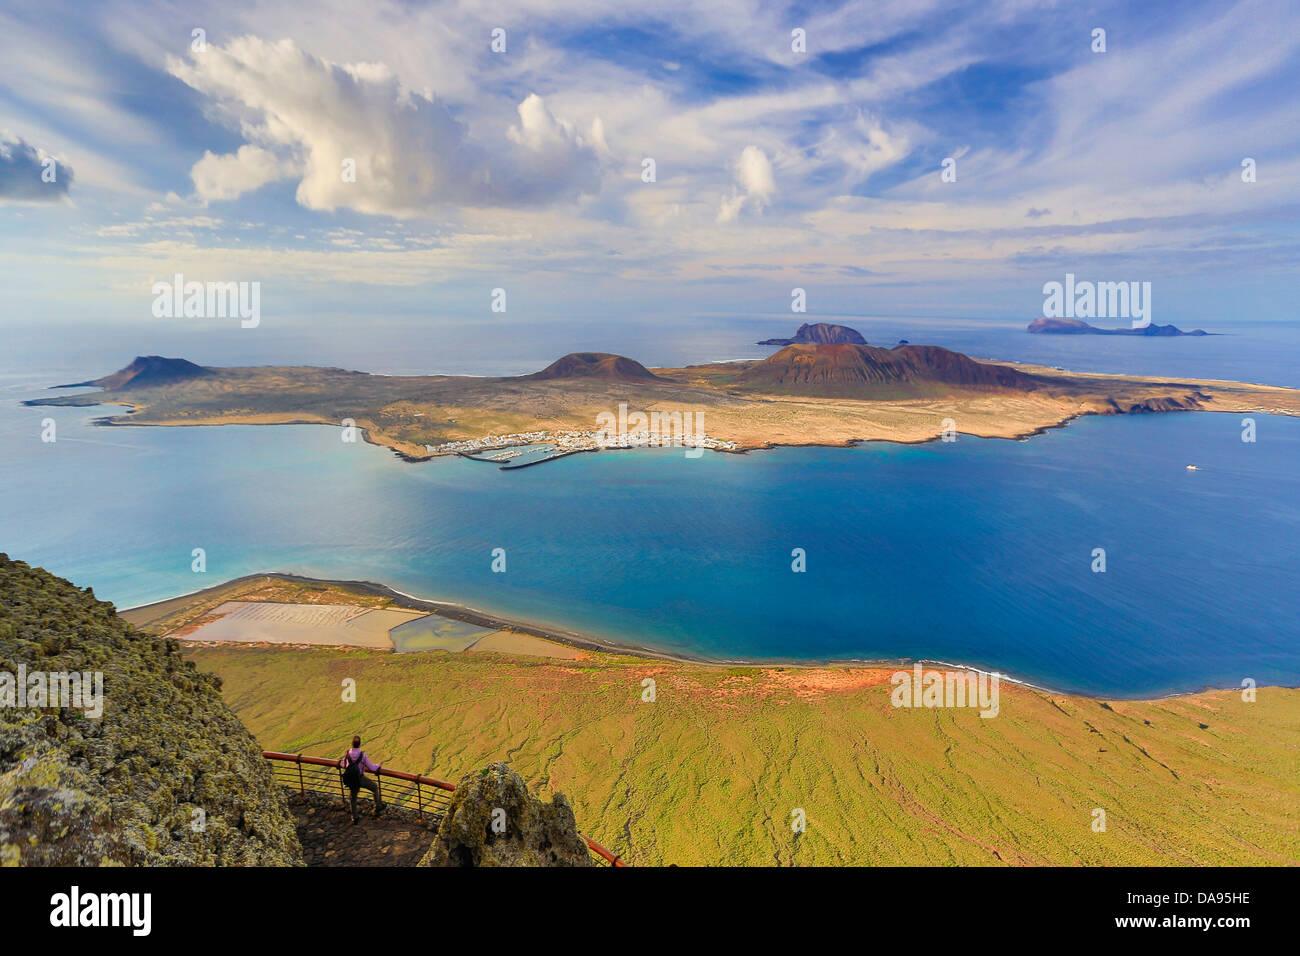 Spanien, Europa, Kanarische Inseln, Chinijo, Naturpark, Lanzarote, Insel, Mirador del Rio, Belvedere, blau, Isla Stockbild